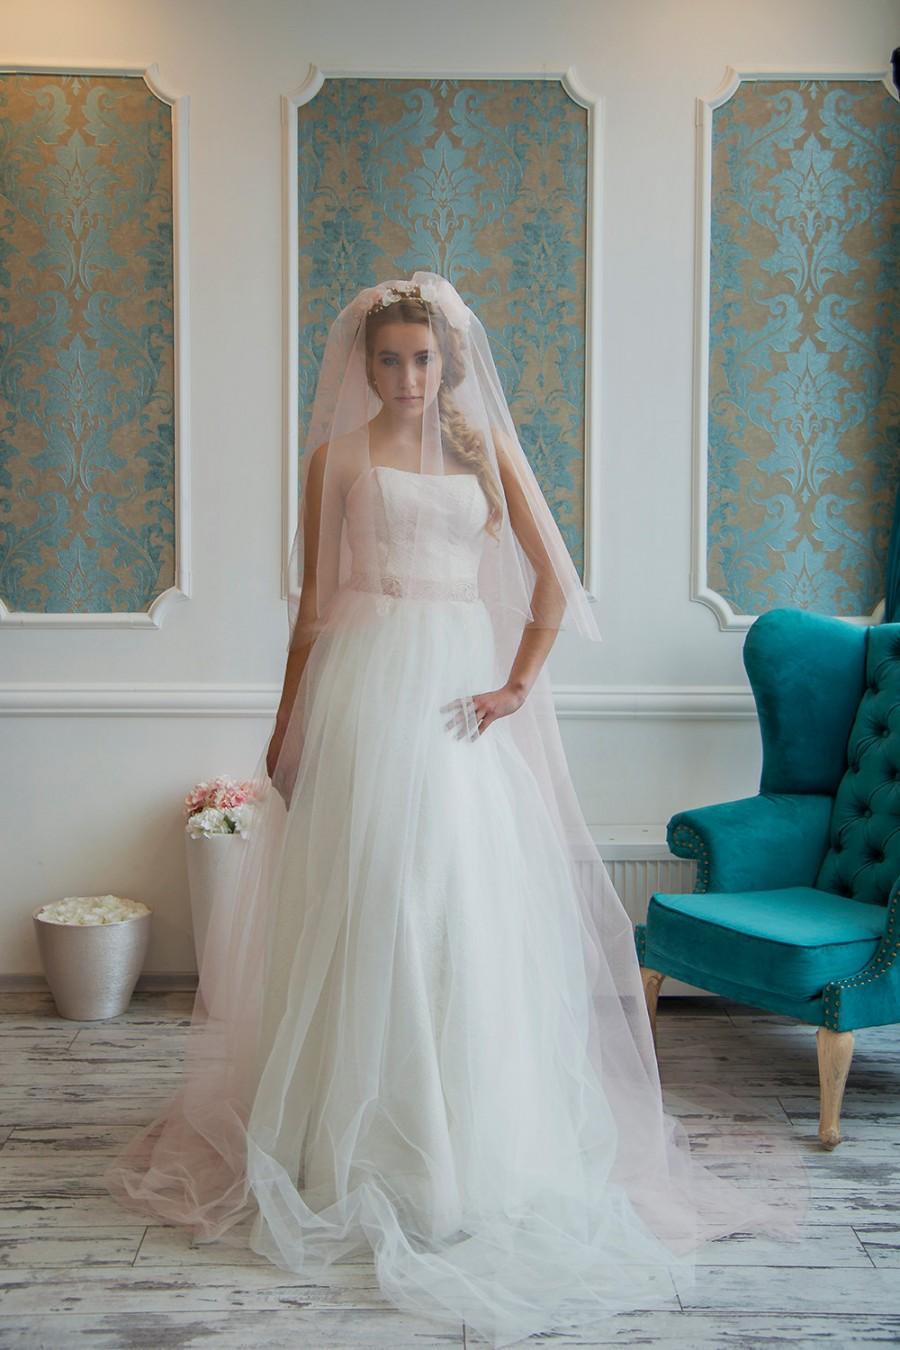 Mariage - Blush wedding veil Wedding veil,bridal veil,blush,wedding veil fingertip,wedding veil cathedr